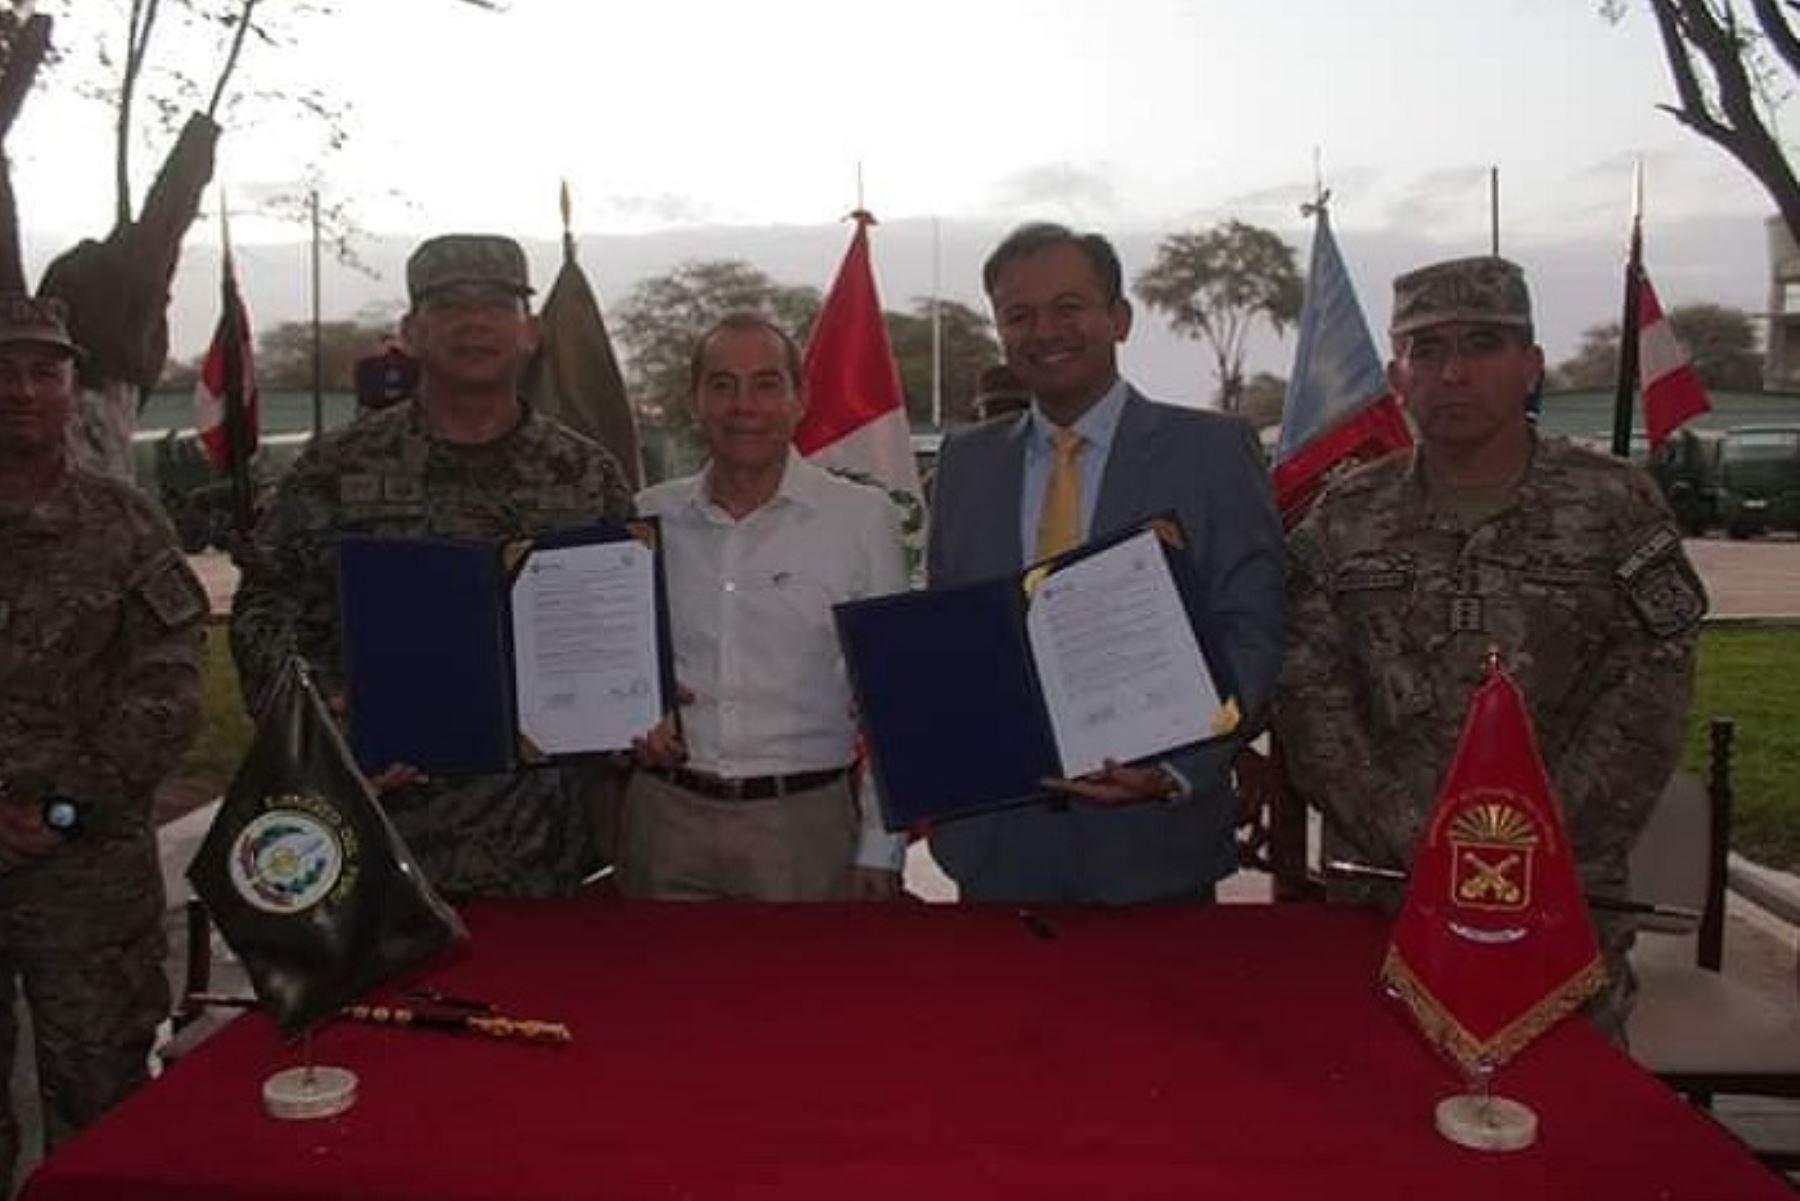 El Ejército del Perú y la Municipalidad de Piura suscribieron un convenio cuyo objetivo es ejecutar el proyecto de mejoramiento de transitabilidad peatonal en las aéreas adyacentes y circundantes al cuartel Inclán.